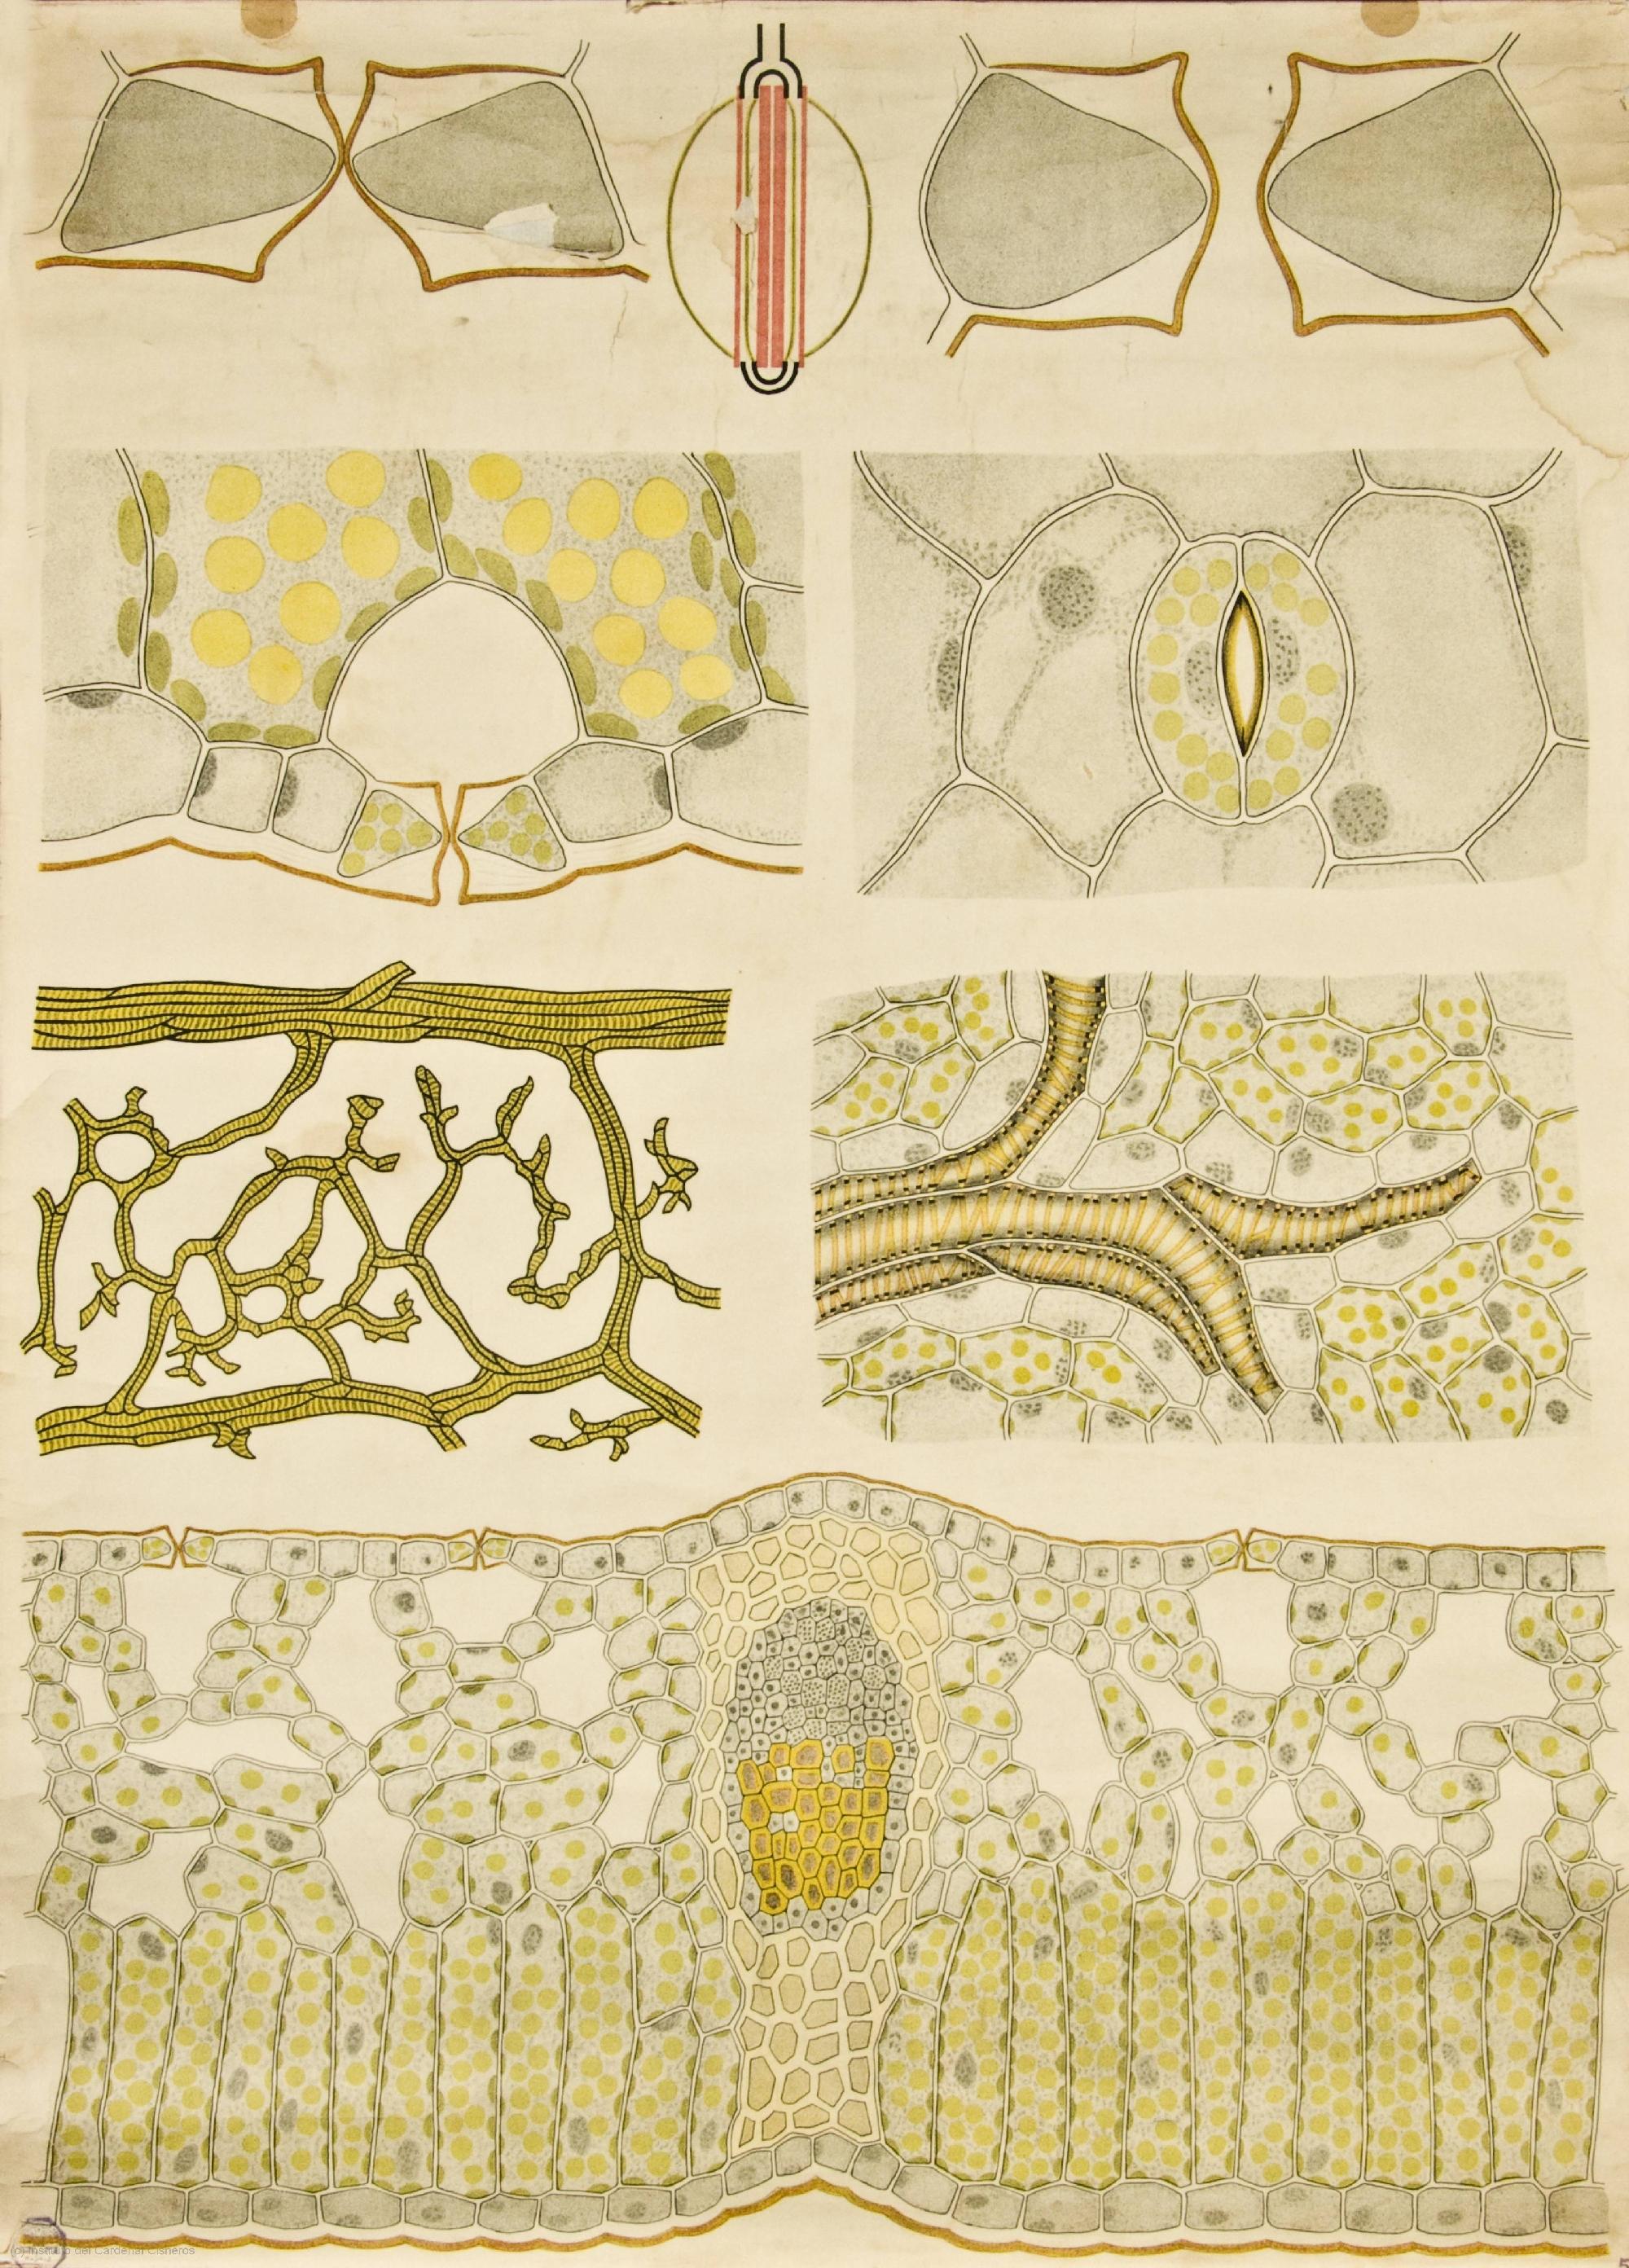 File:Leaf growth -- Anatomia Vegetal 1929, pub. by FE Wachsmuth d ...